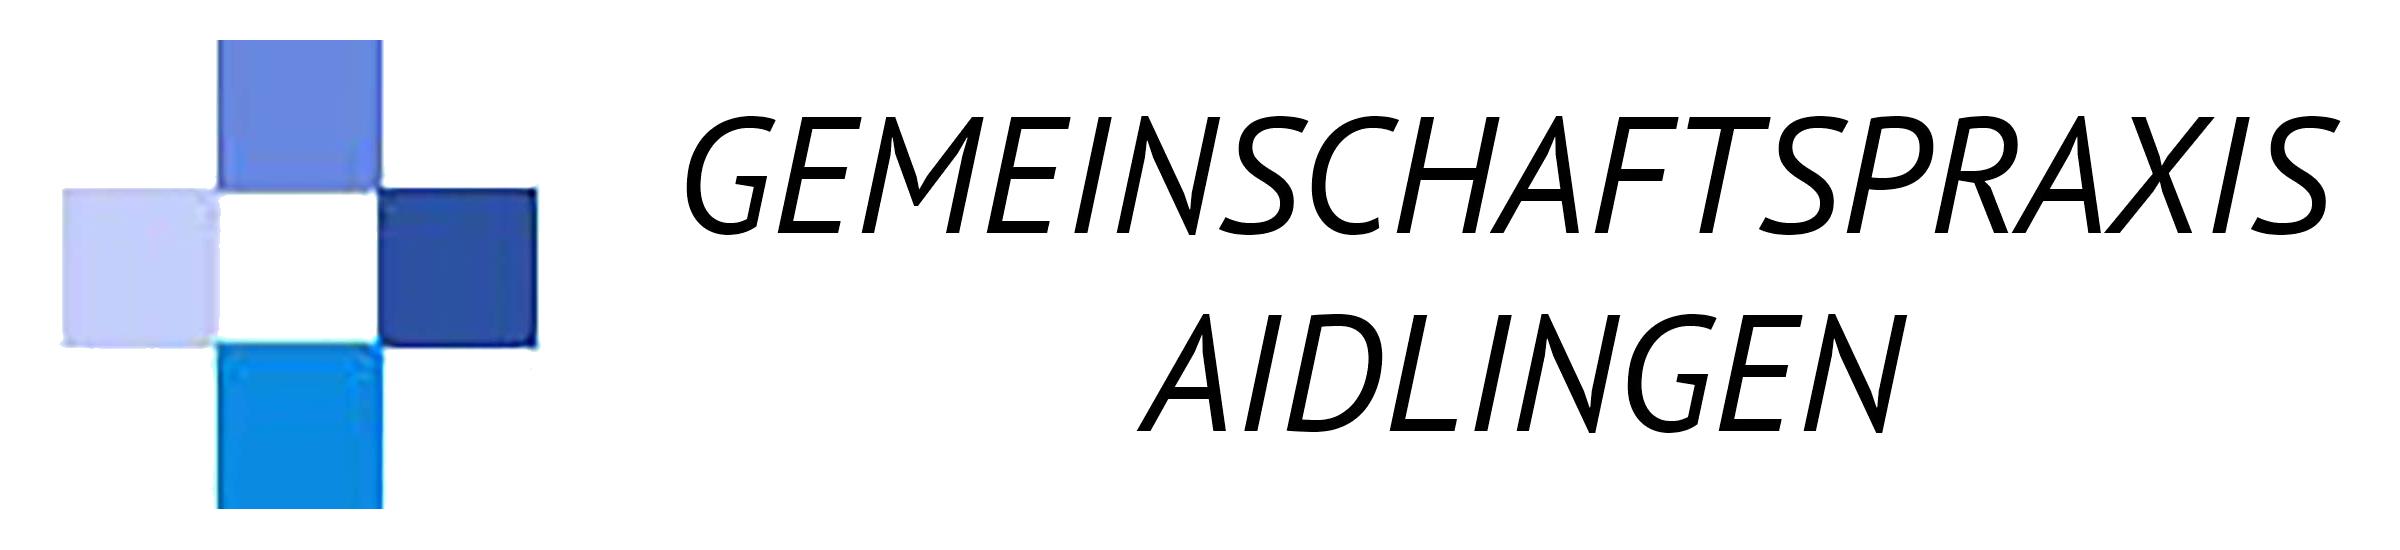 Gemeinschaftspraxis Aidlingen